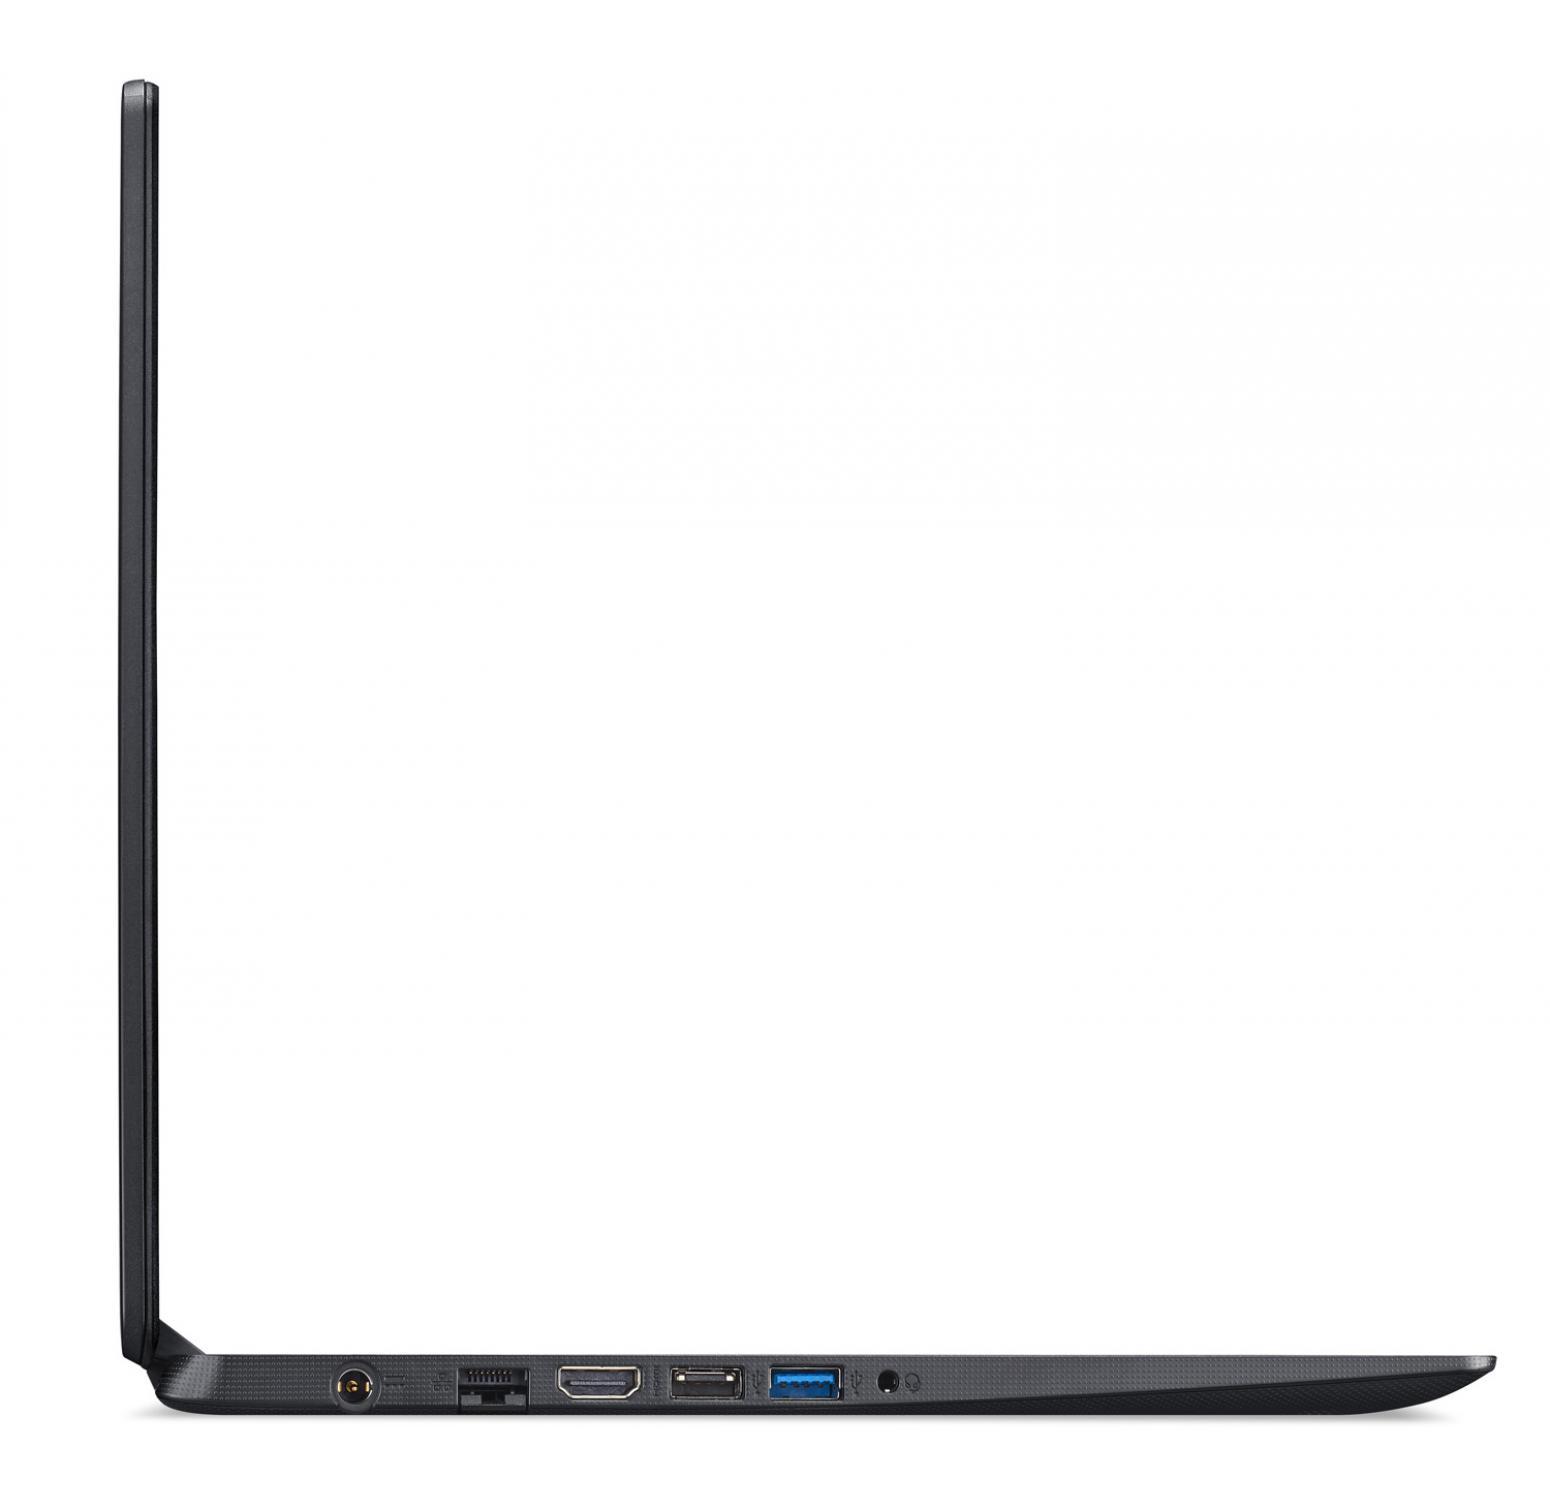 Ordinateur portable Acer Aspire 3 A315-42-R5KQ - Ryzen 3, SSD - photo 6